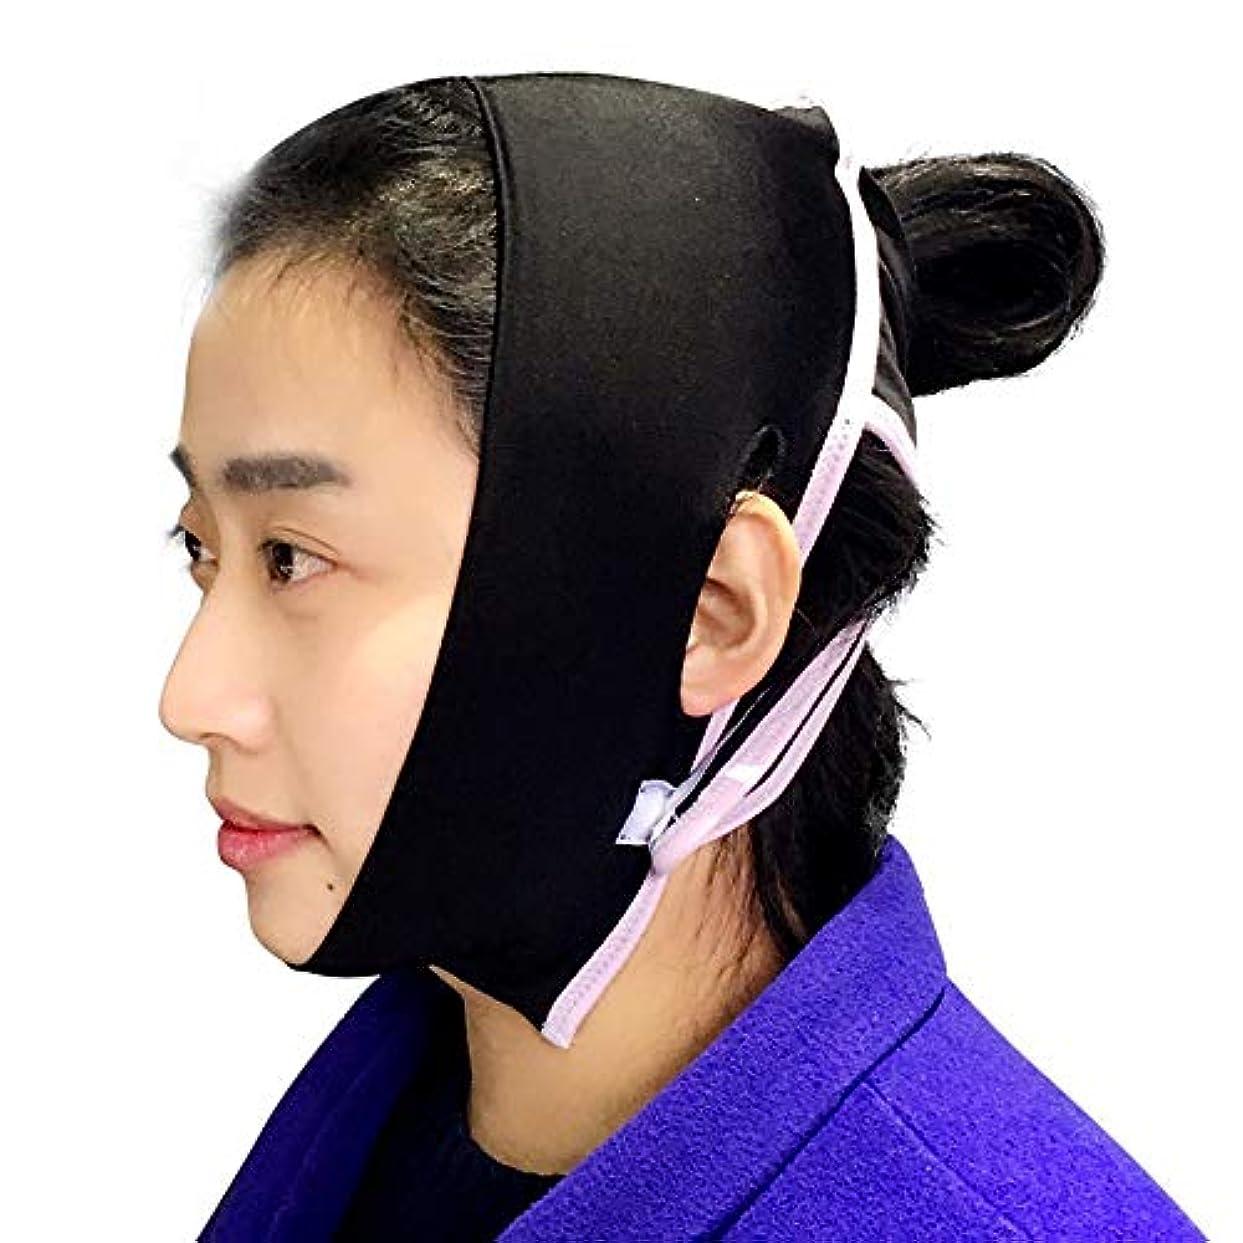 かき混ぜる適合しました無駄にLJK フェイスリフトマスク、小さなVフェイス睡眠包帯マスクシンダブルチンリフト引き締め肌